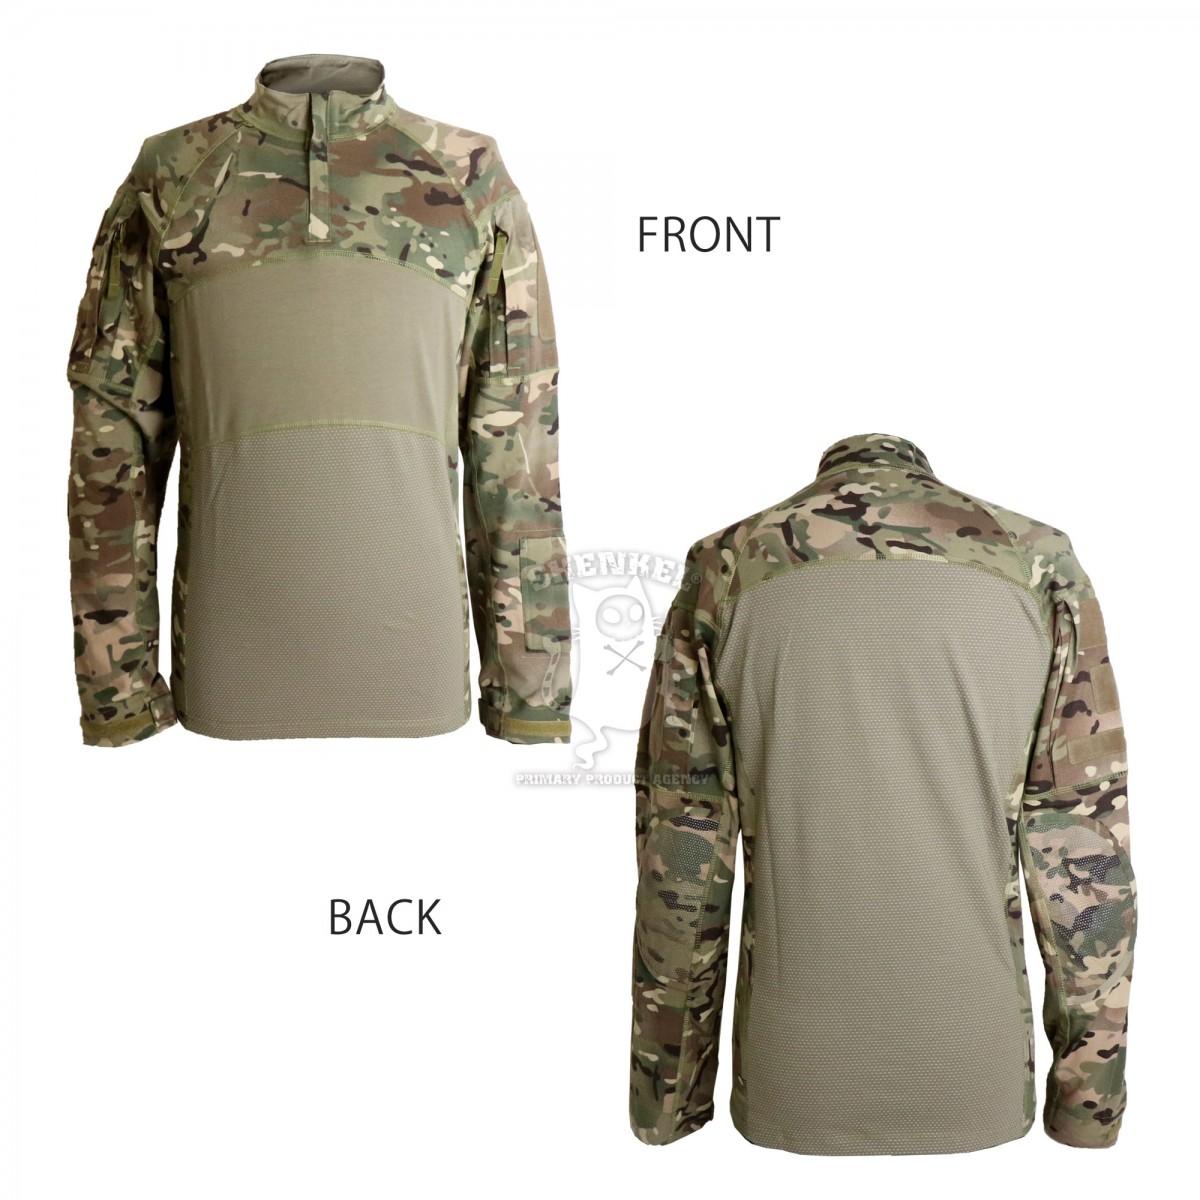 SHENKEL ACS typeIIスタイル  アーミー コンバットシャツ 長袖 ( マルチカム  SMLサイズ ) メッシュ 米陸軍 通気性 乾燥性 クイックドライ